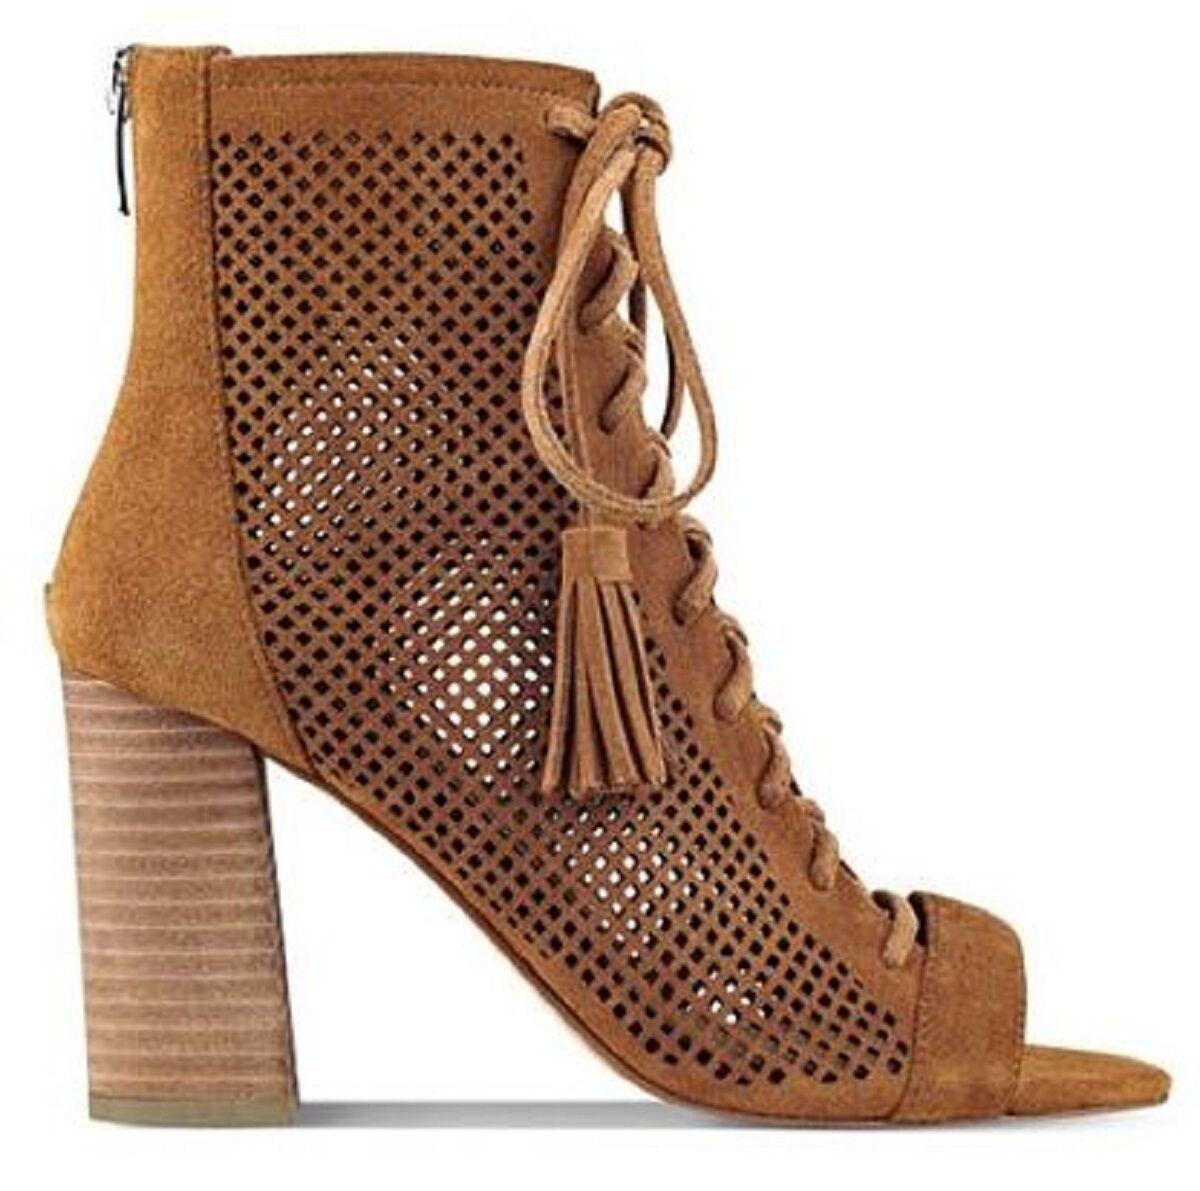 negozi al dettaglio Donna  Marc Fisher SHAINI Lace Lace Lace Up Perforated avvioie Sandals Heels Suede Cognac  nuovi prodotti novità